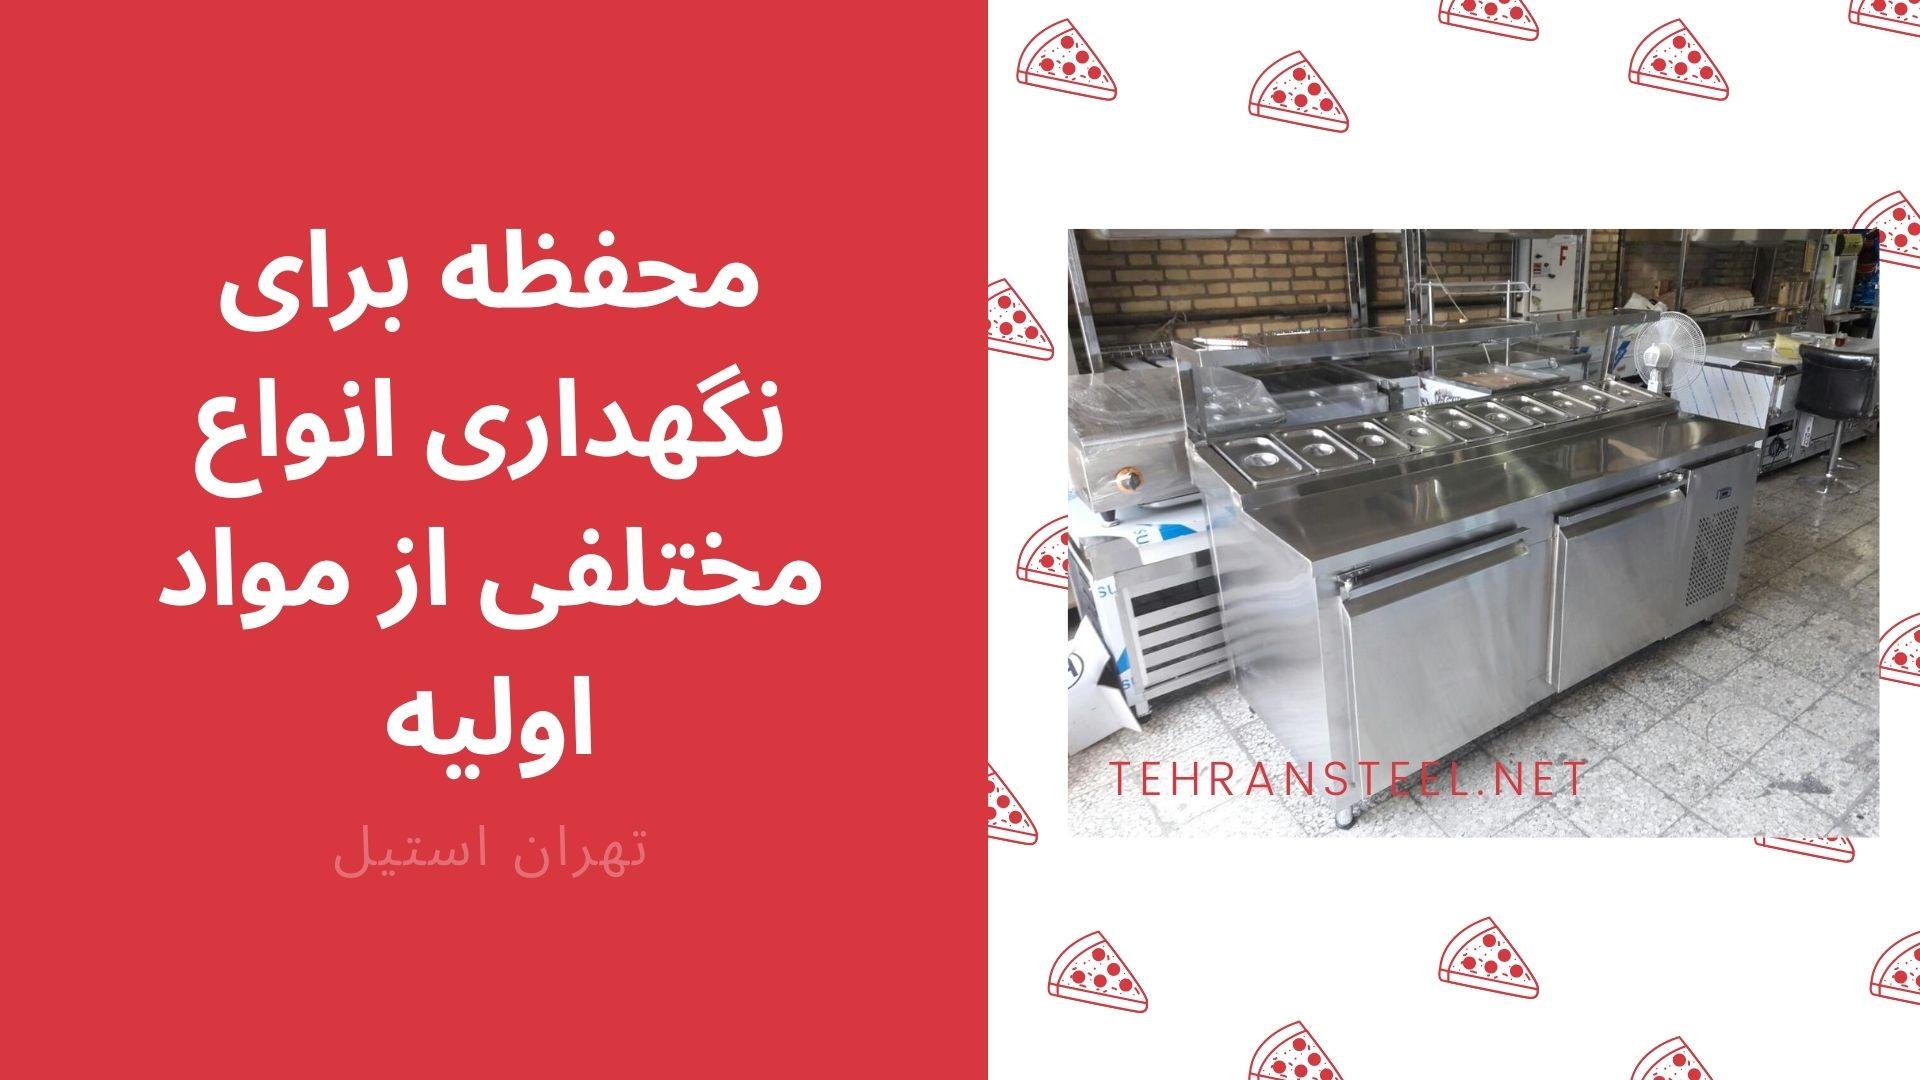 محفظه برای نگهداری انواع مختلفی از مواد اولیه